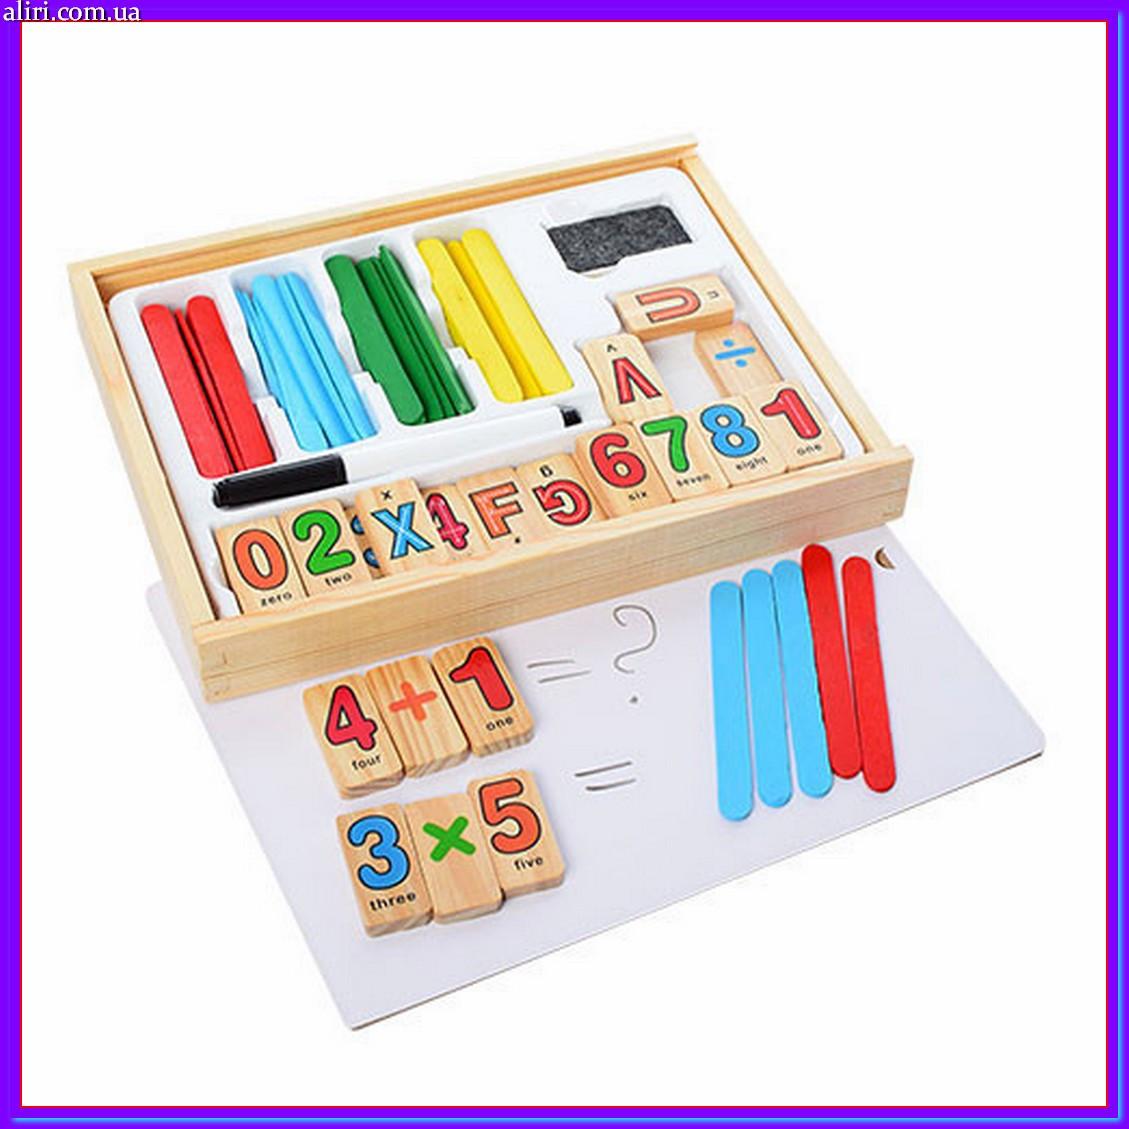 Деревянная игрушка Набор первоклассника (счетные палочки, цифры, досточка для рисования, пенал) MD1169